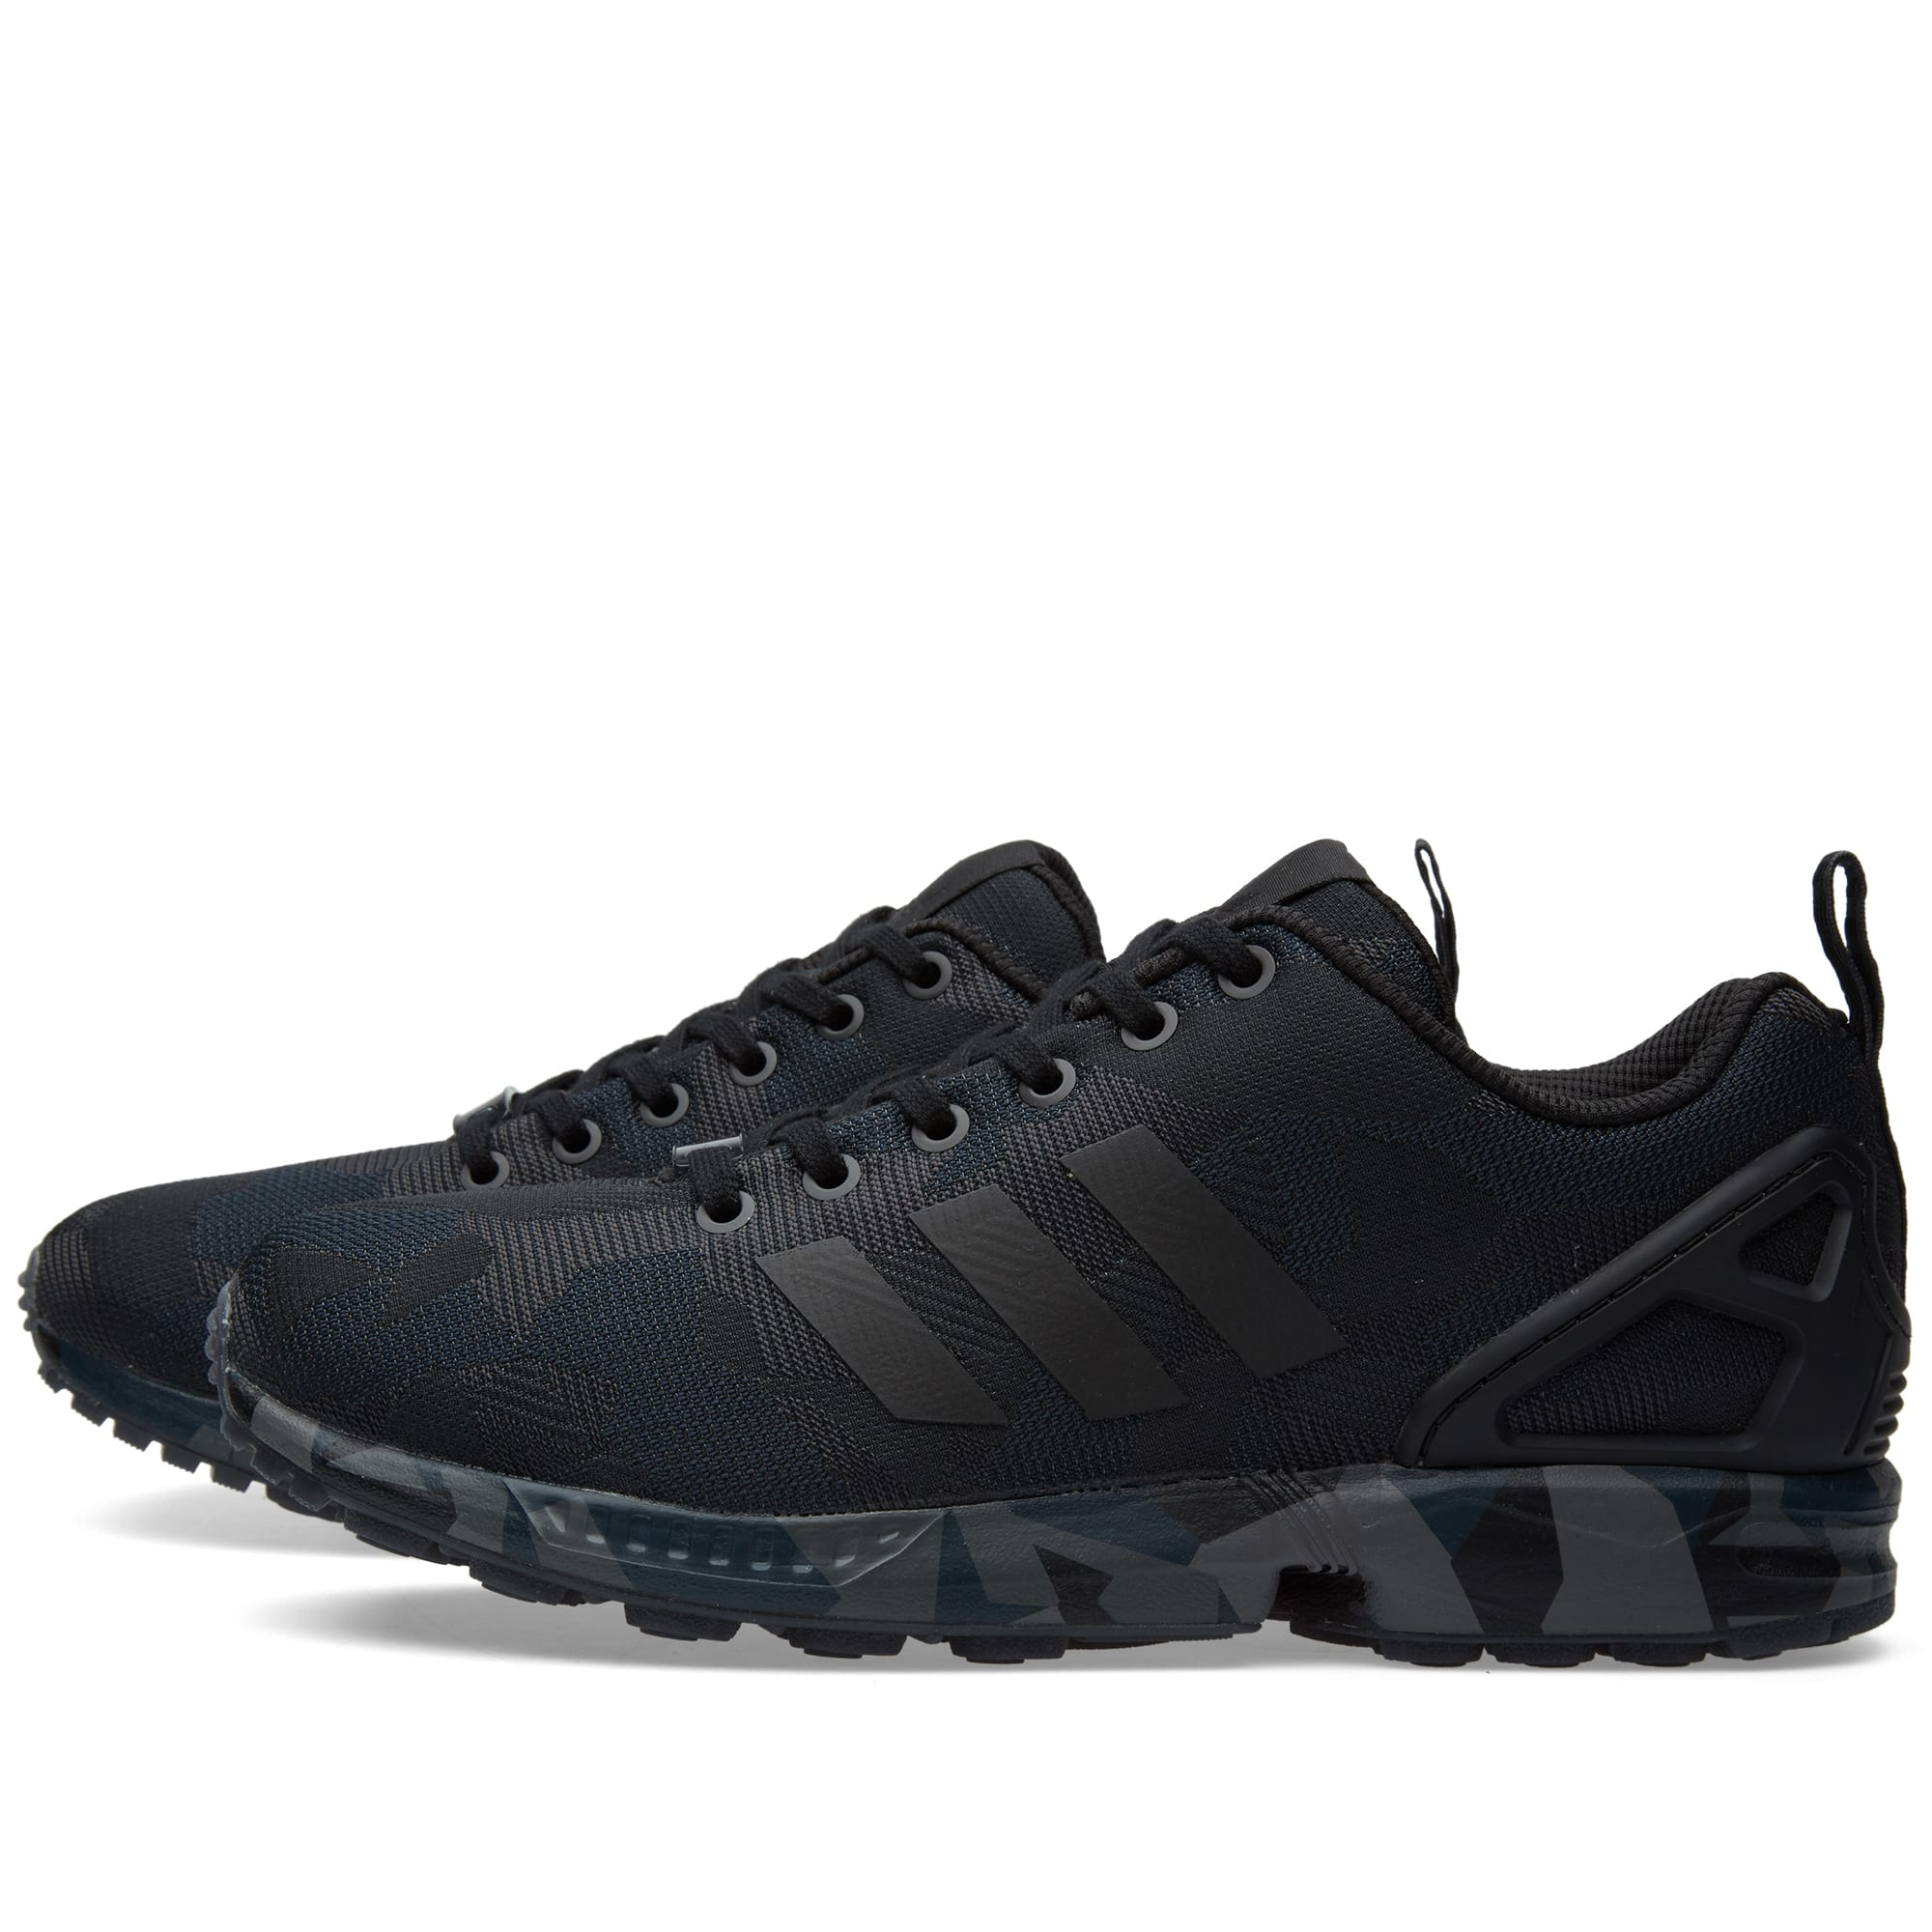 Adidas ZX Flux Core Black \u0026 Carbon | END.